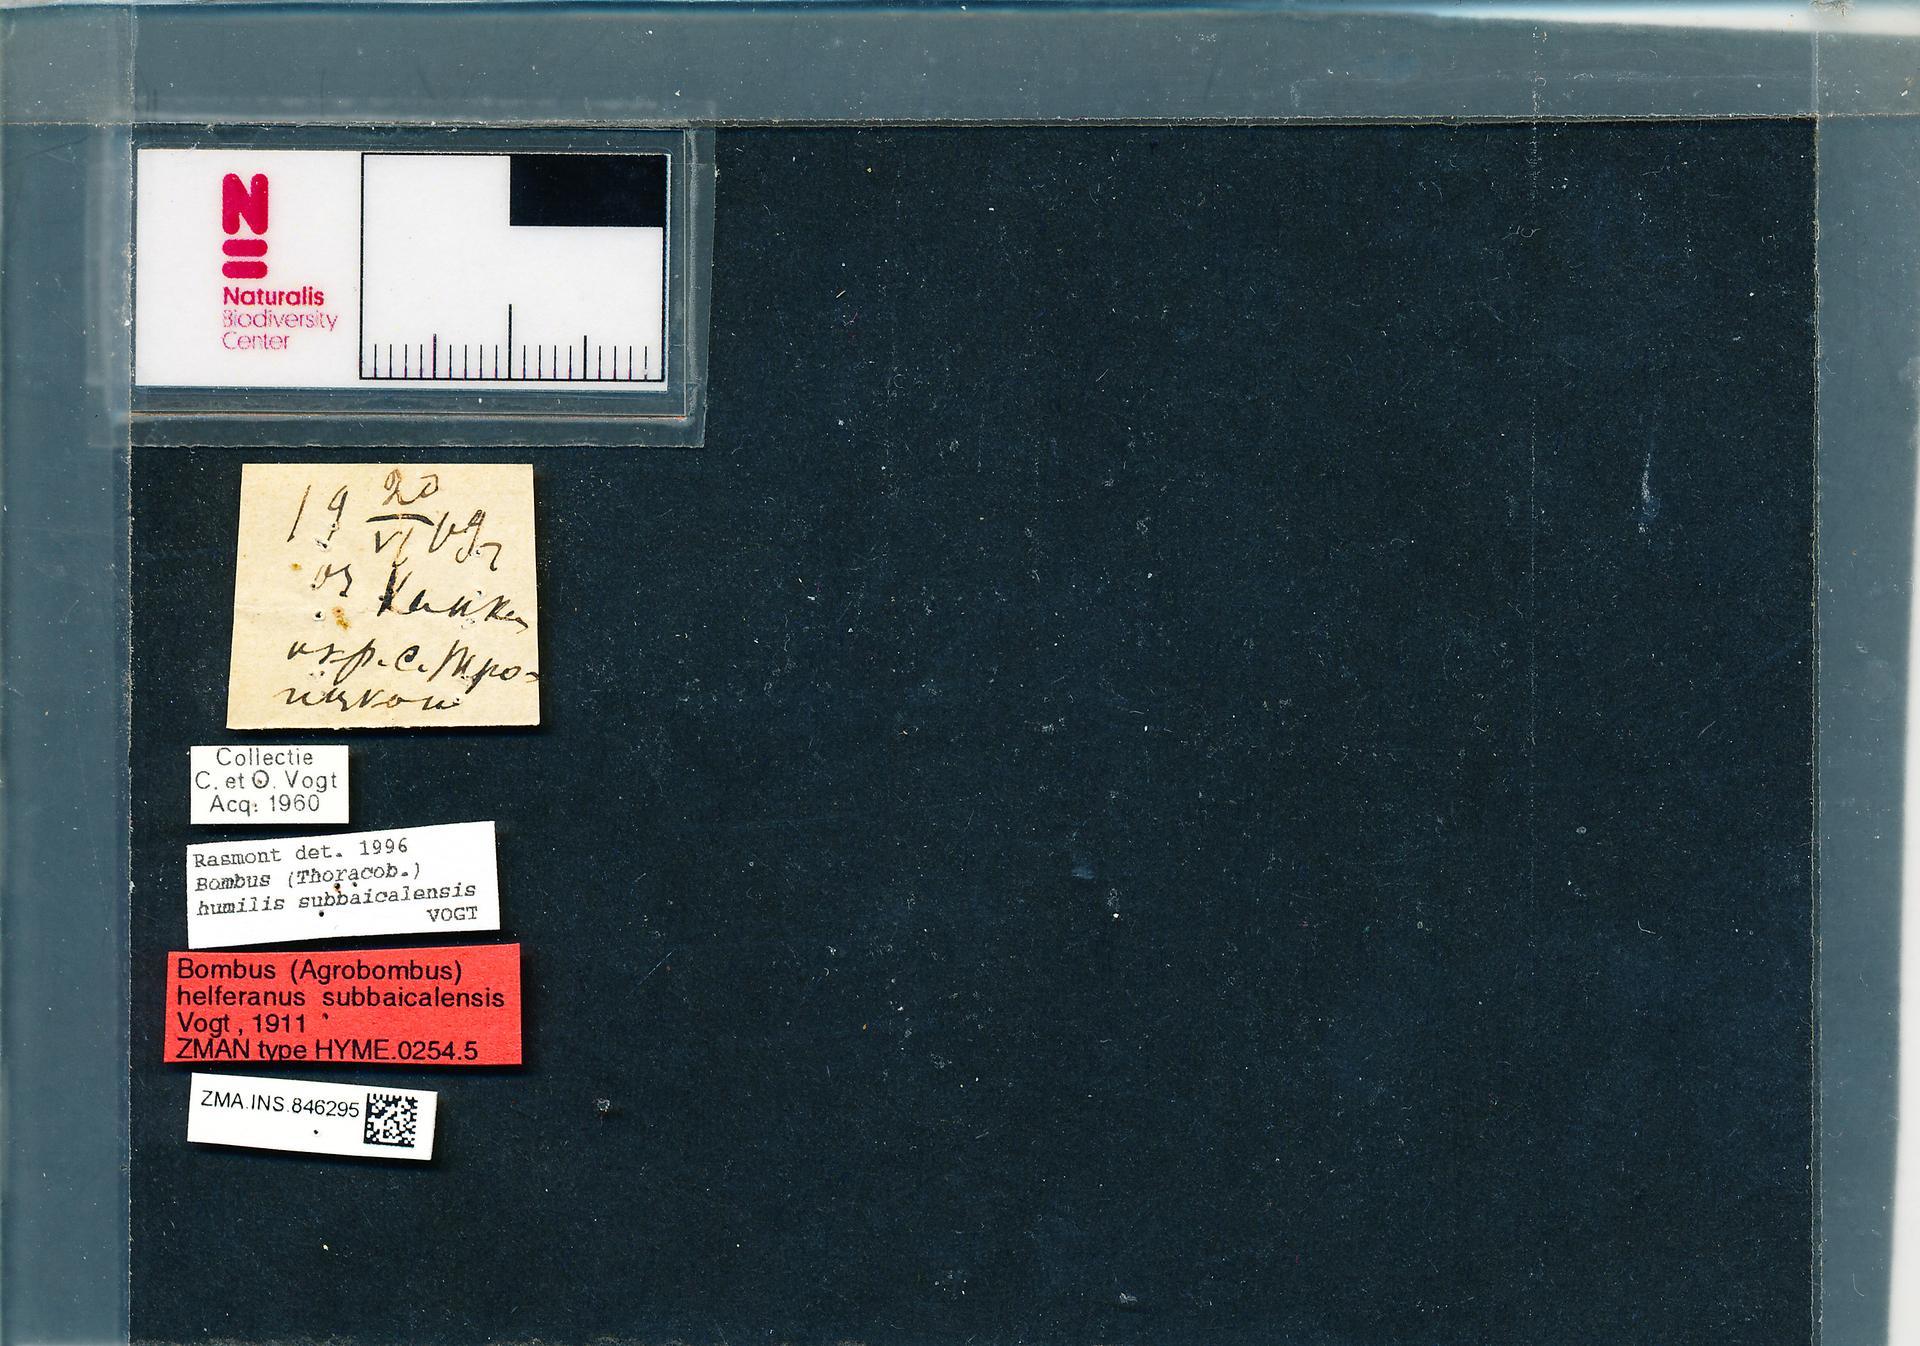 ZMA.INS.846295 | Bombus (Thoracobombus) humilis subbaicalensis Vogt, 1911